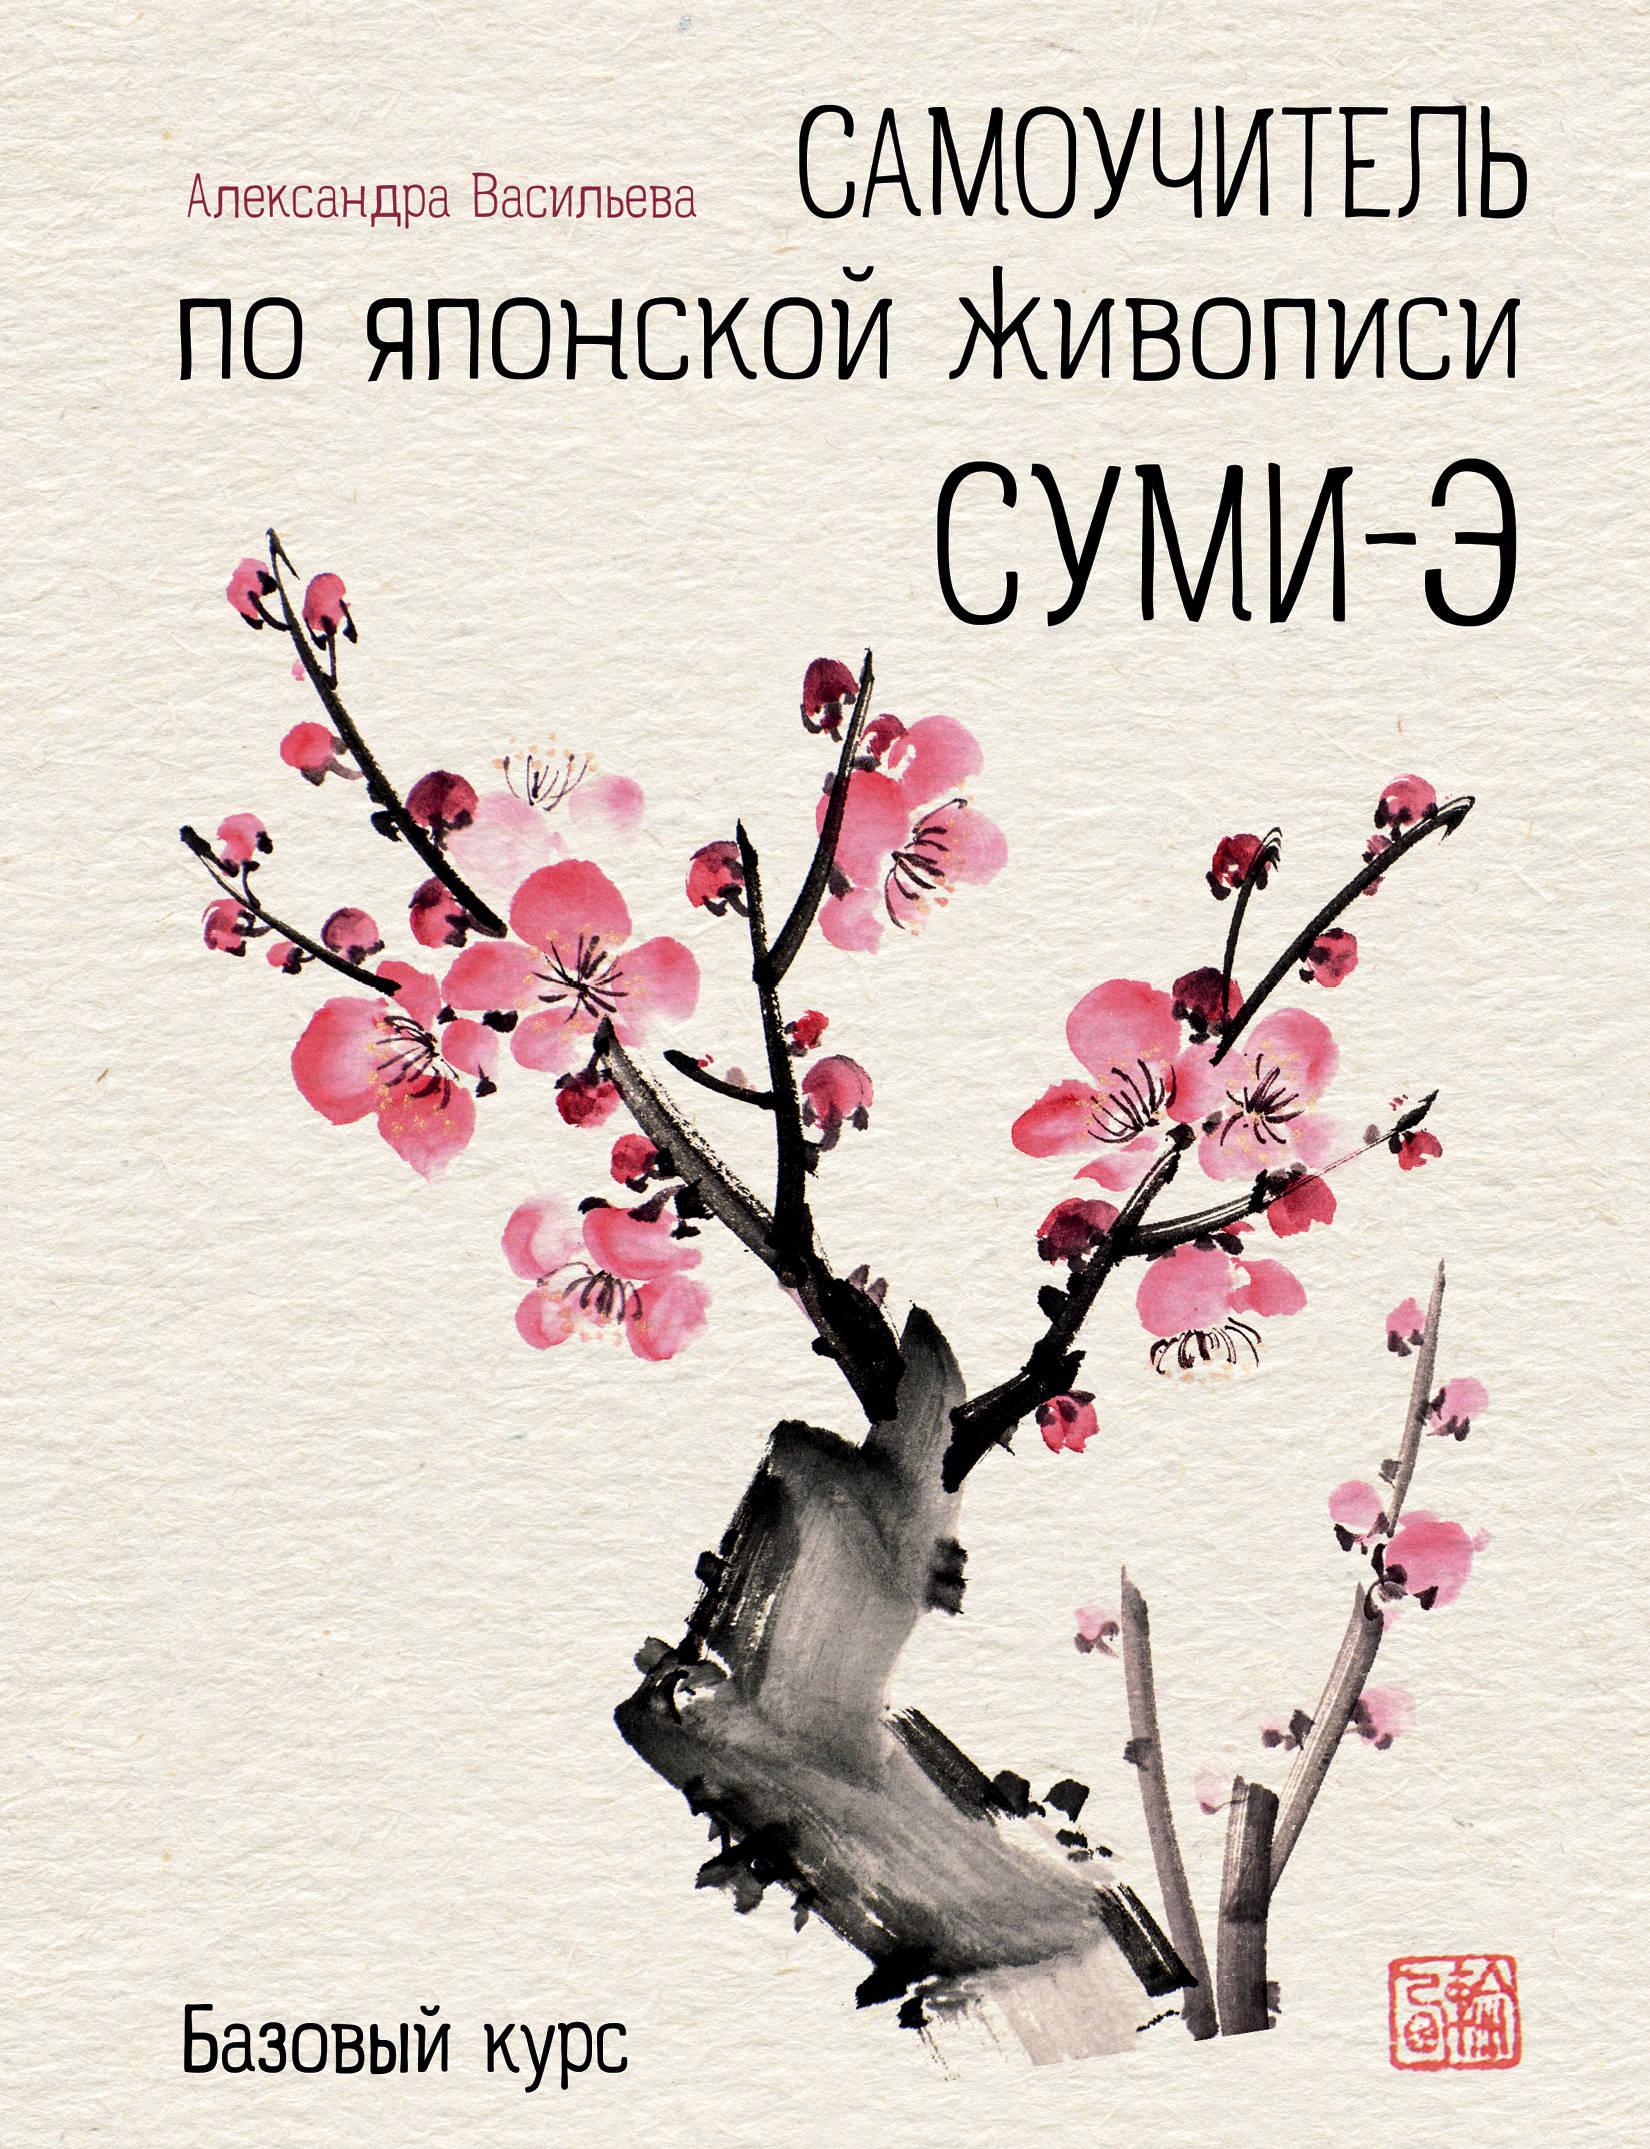 Александра Васильева Самоучитель по японской живописи суми-э. Базовый курс ISBN: 978-5-699-99307-9